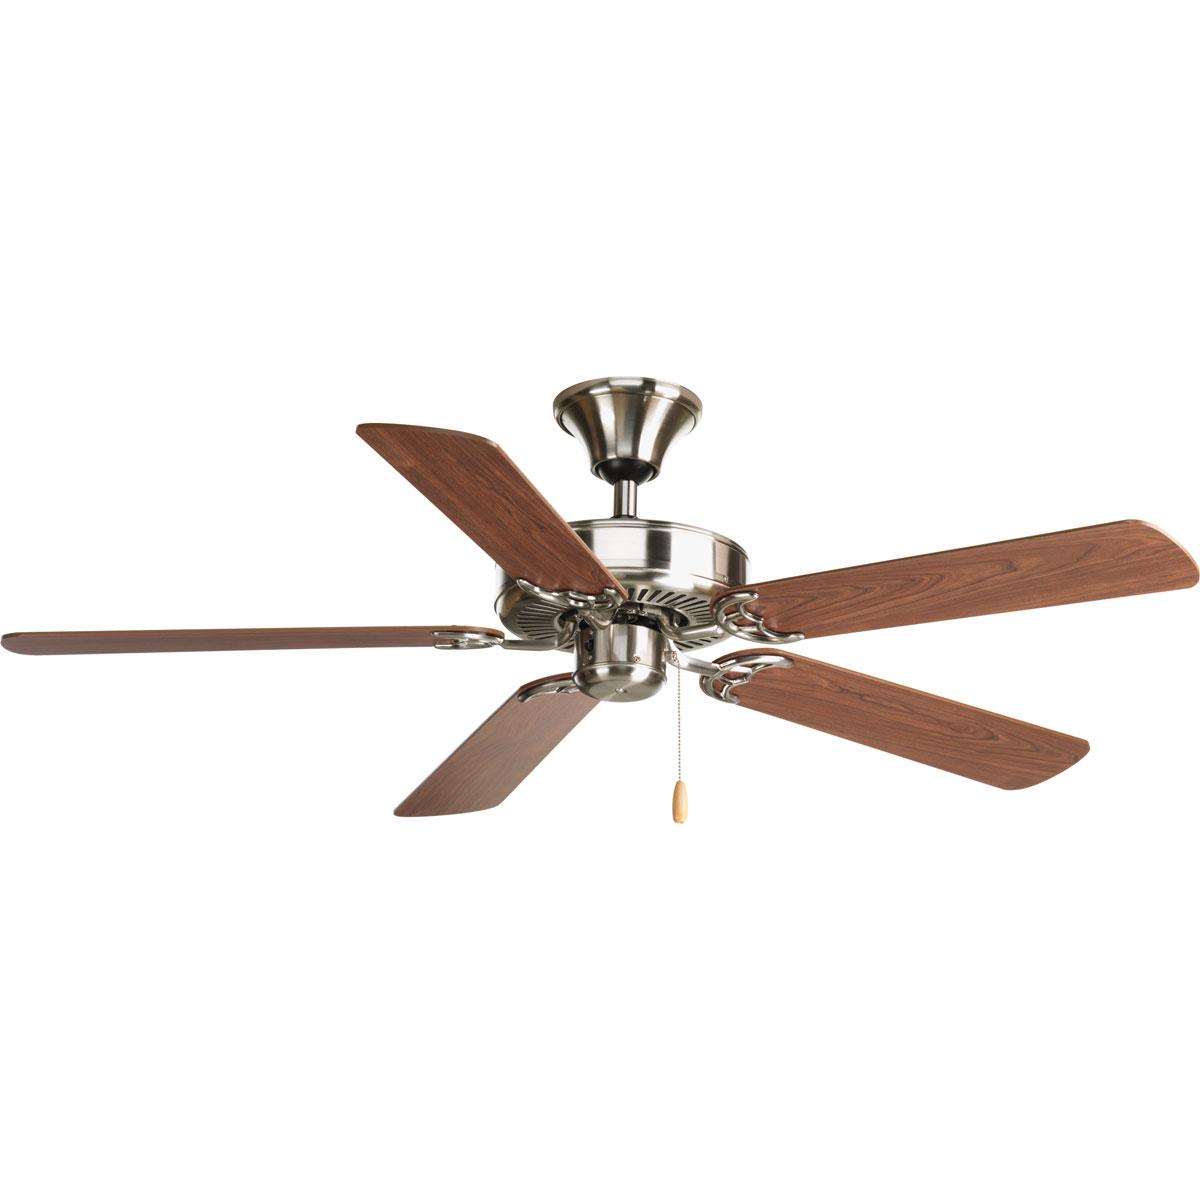 P250109 P2501 09 Progress Brand 52in 5bld Ceiling Fan